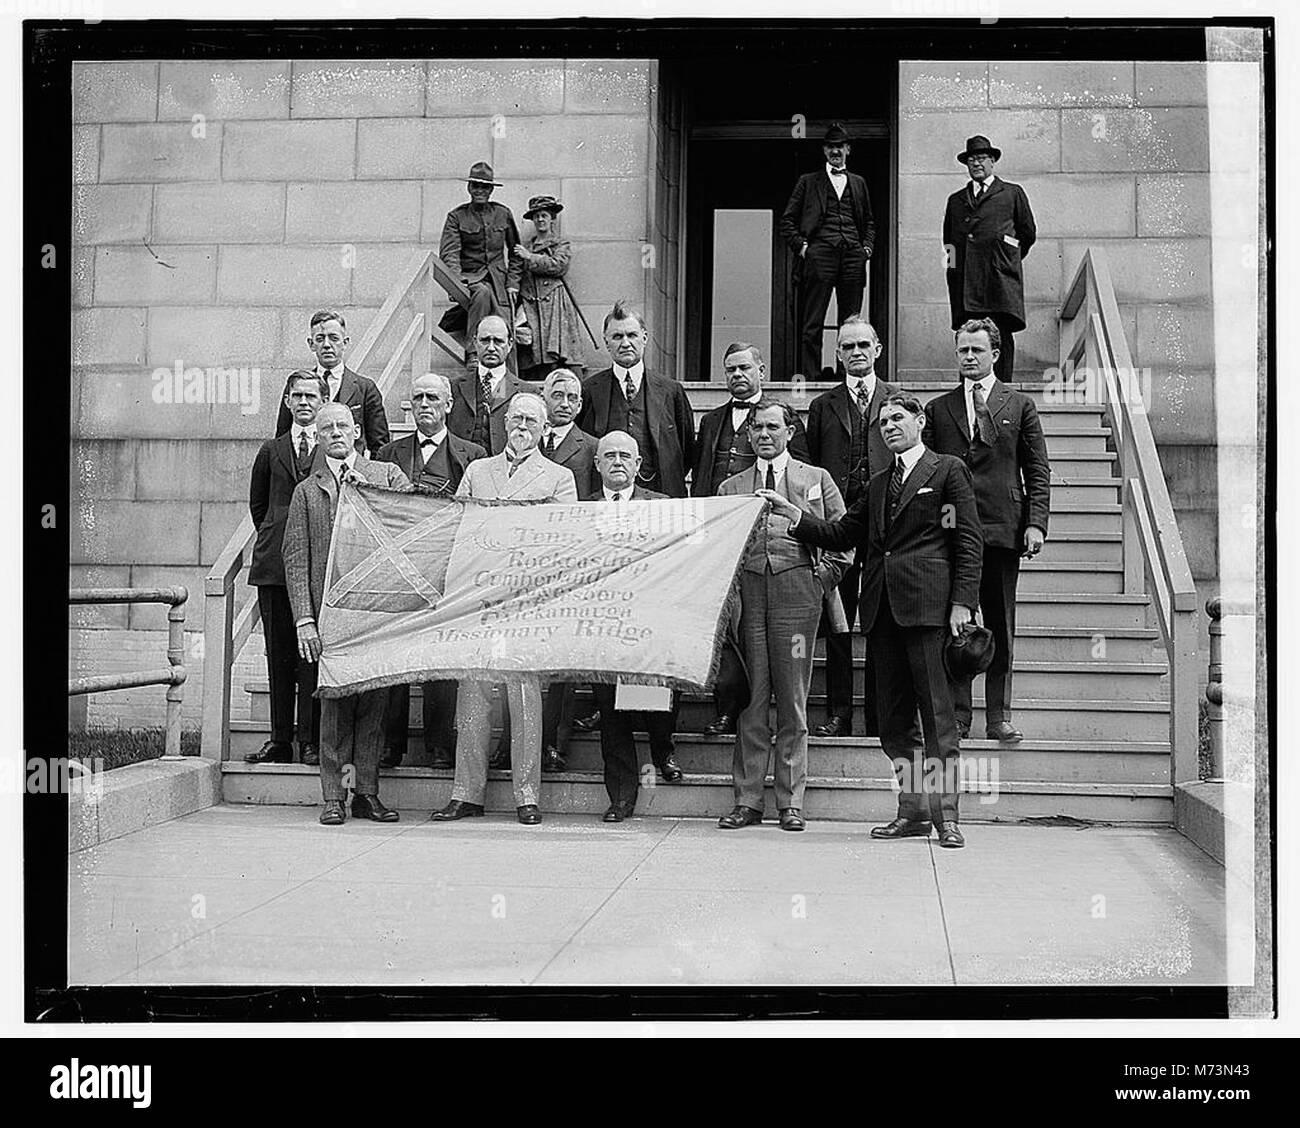 Illinois Regiment Imágenes De Stock & Illinois Regiment Fotos De ...